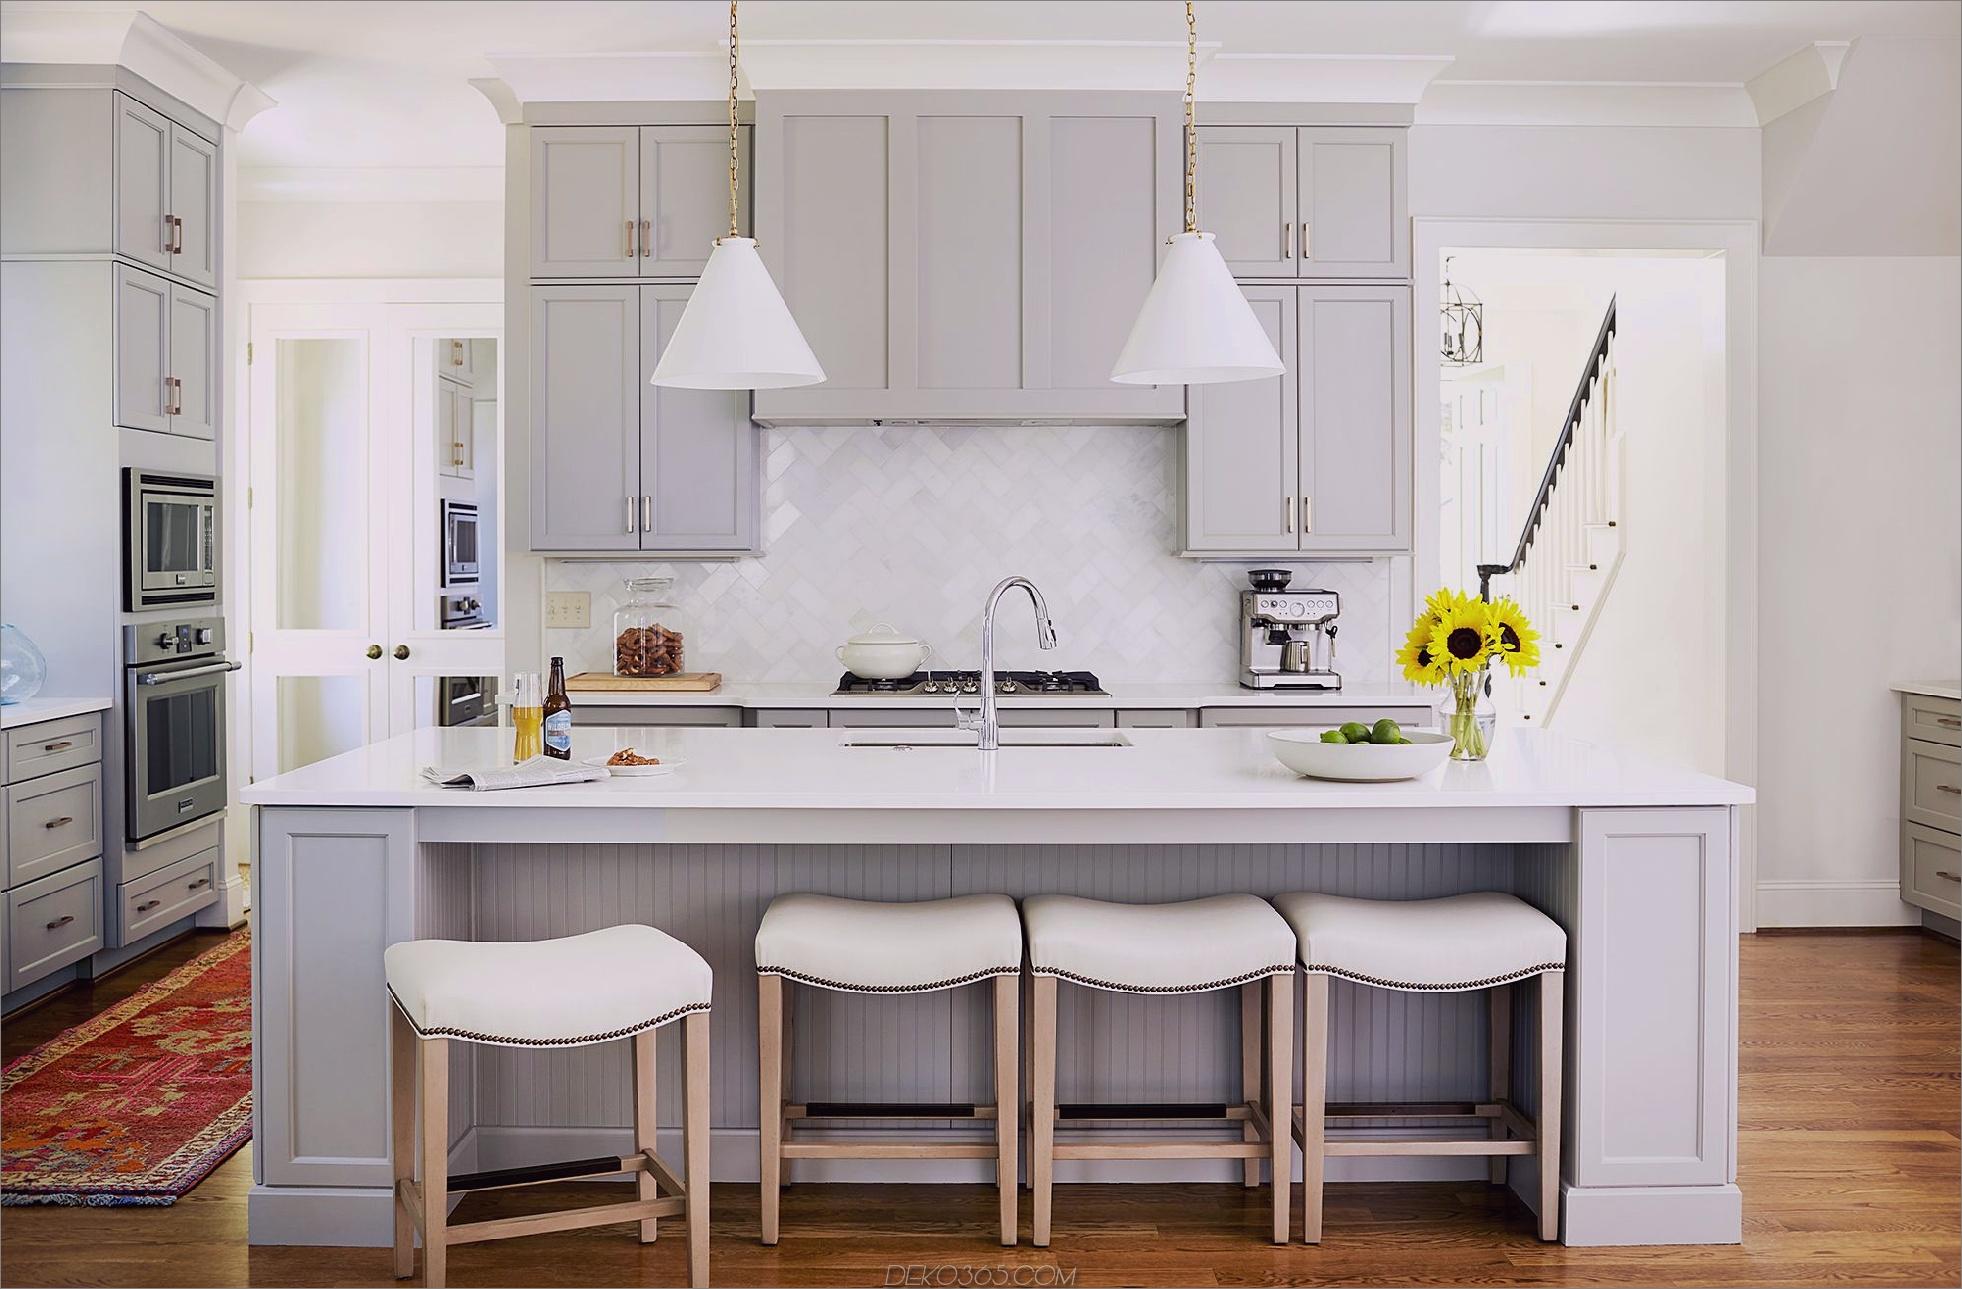 graue Küche mit verdeckter Haube Chic Küchen mit verdeckten Dunstabzugshauben